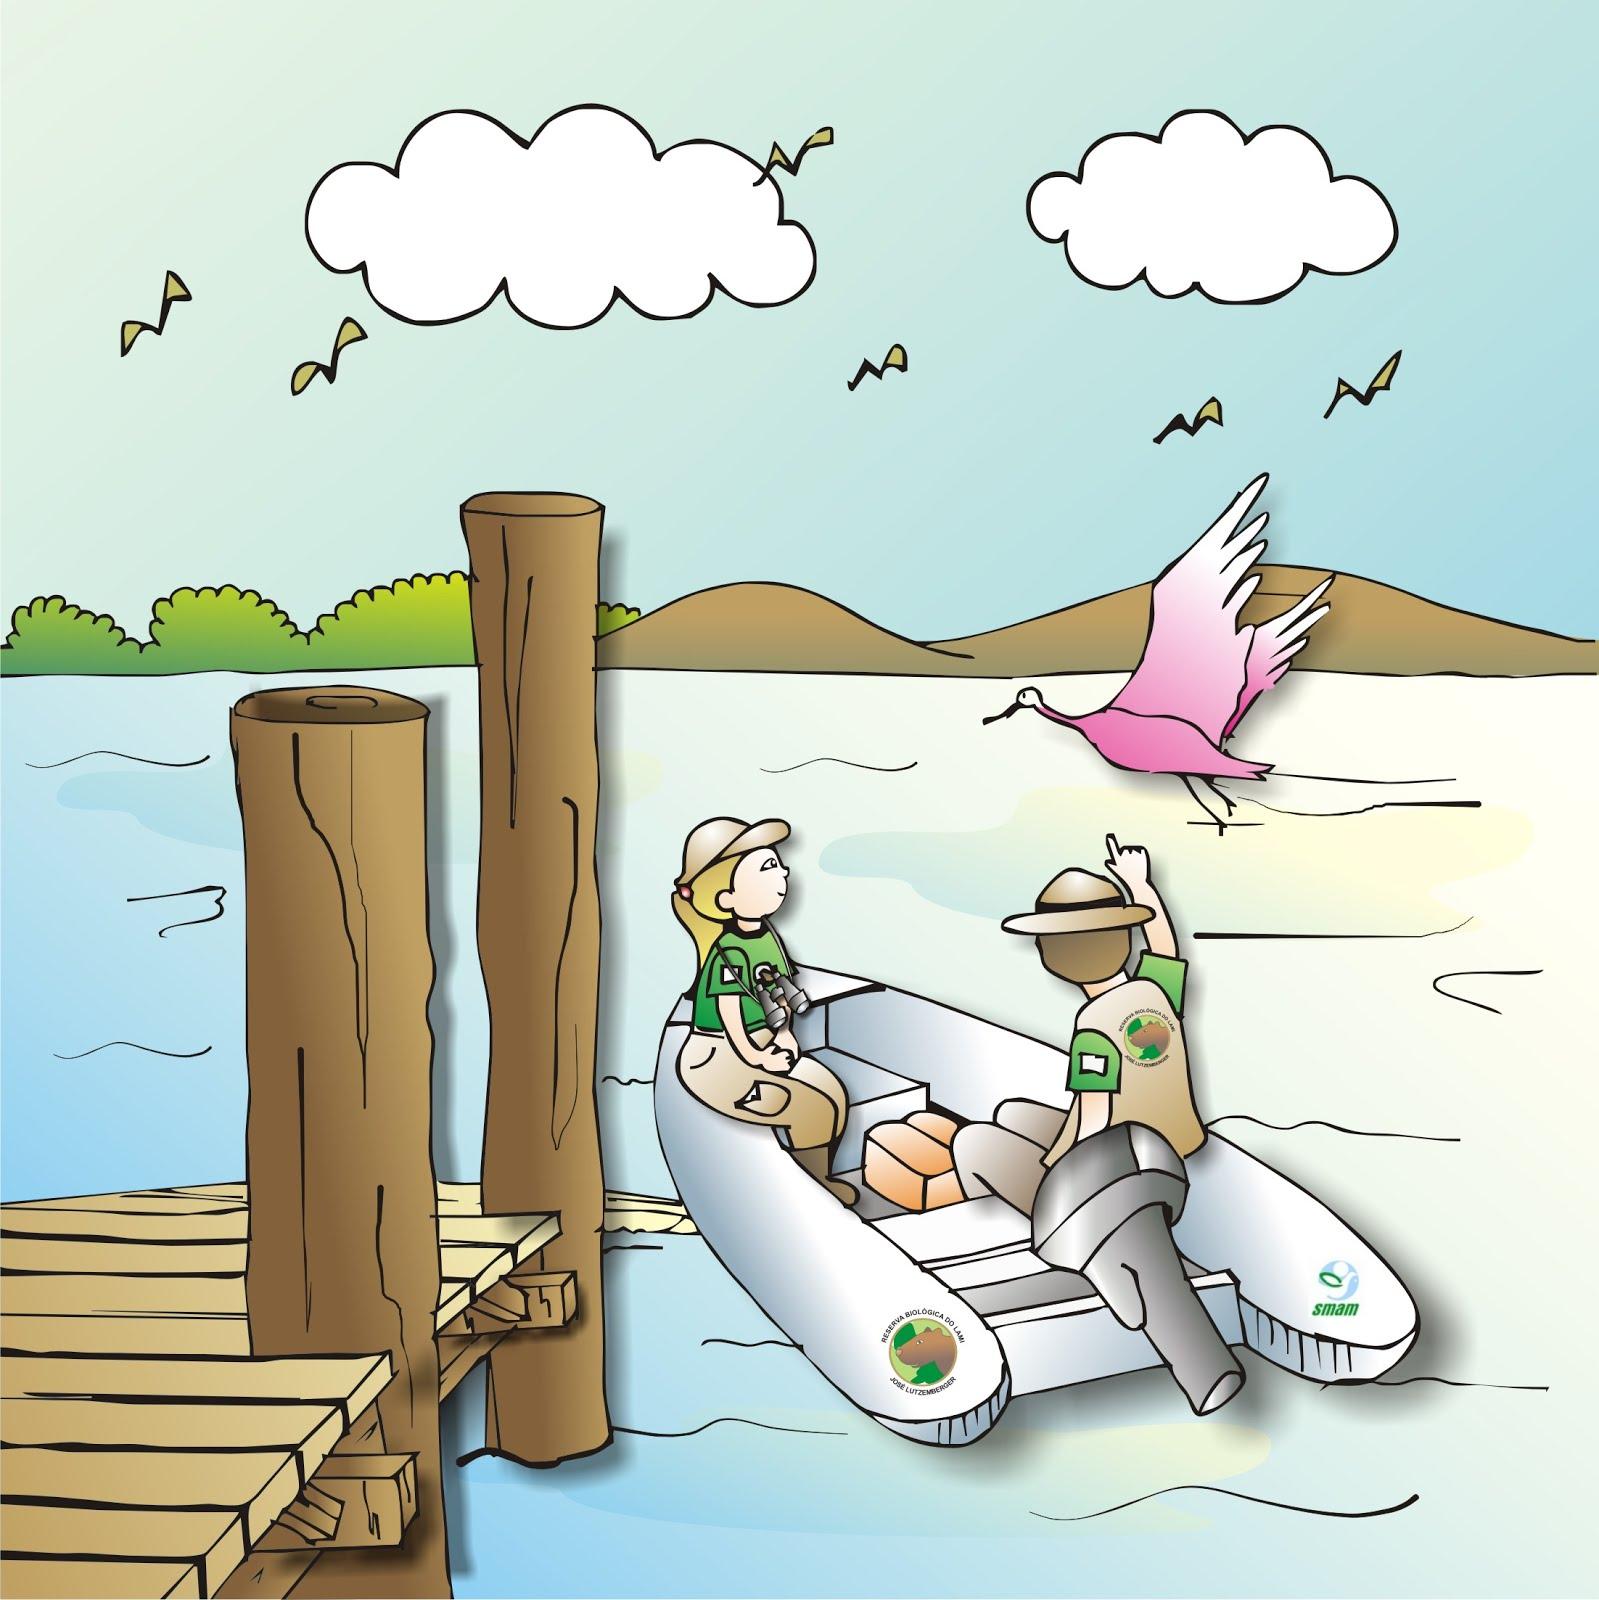 Cartilha Ilustrada de Educação Ambiental